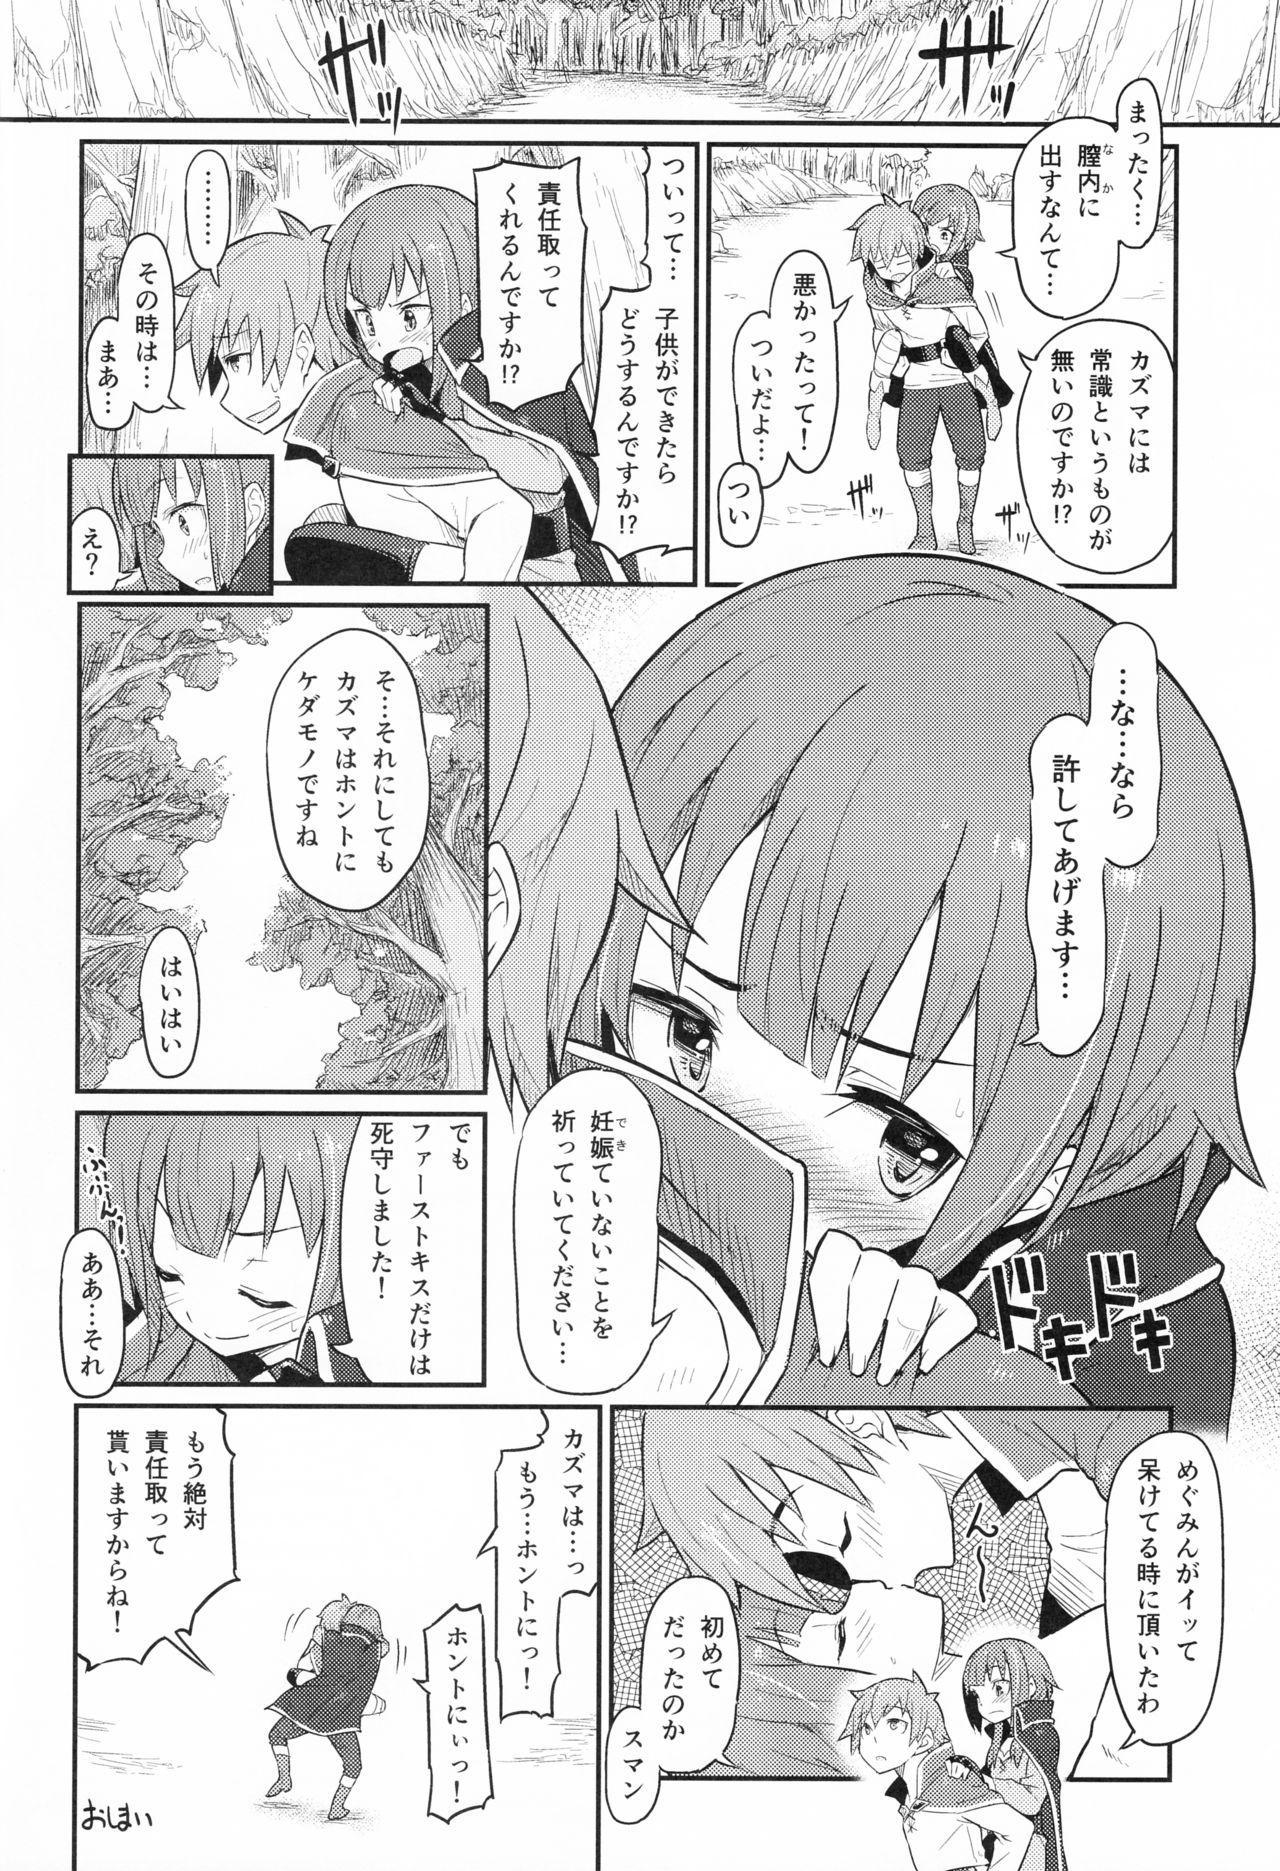 Kono Bakuretsudou ni Gohoubi o! 24